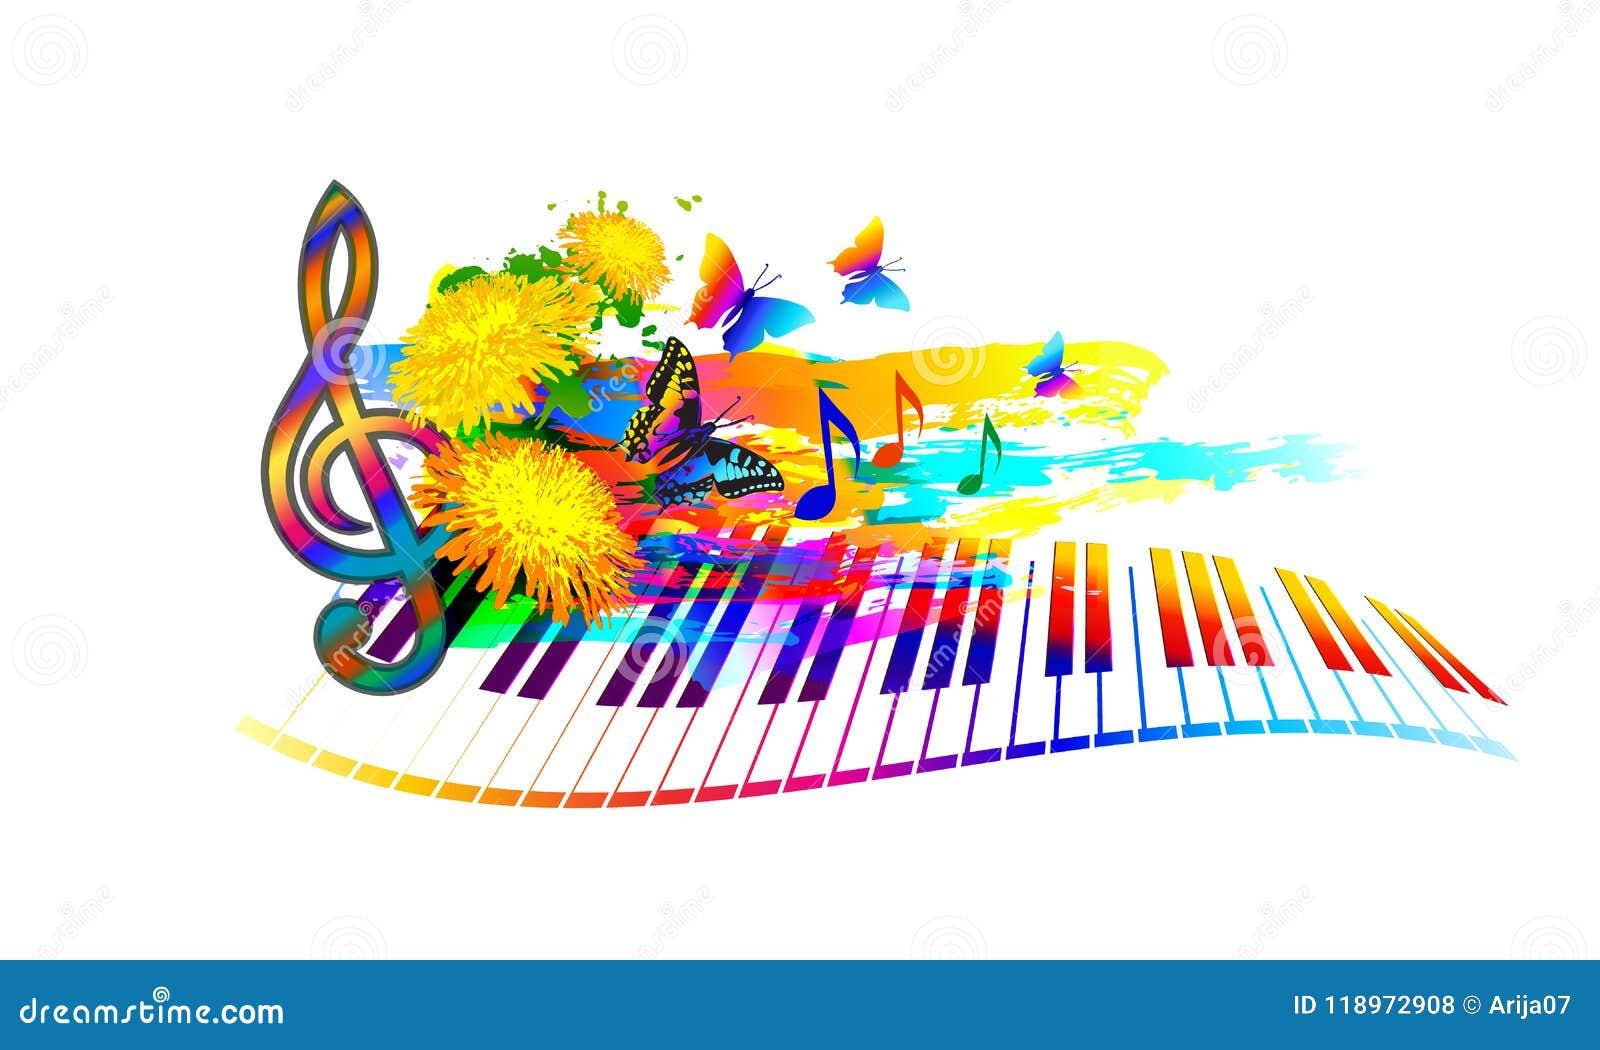 Muzyczny lato festiwalu tło z fortepianową klawiaturą, kwiatami, muzyk notatkami i motylem,